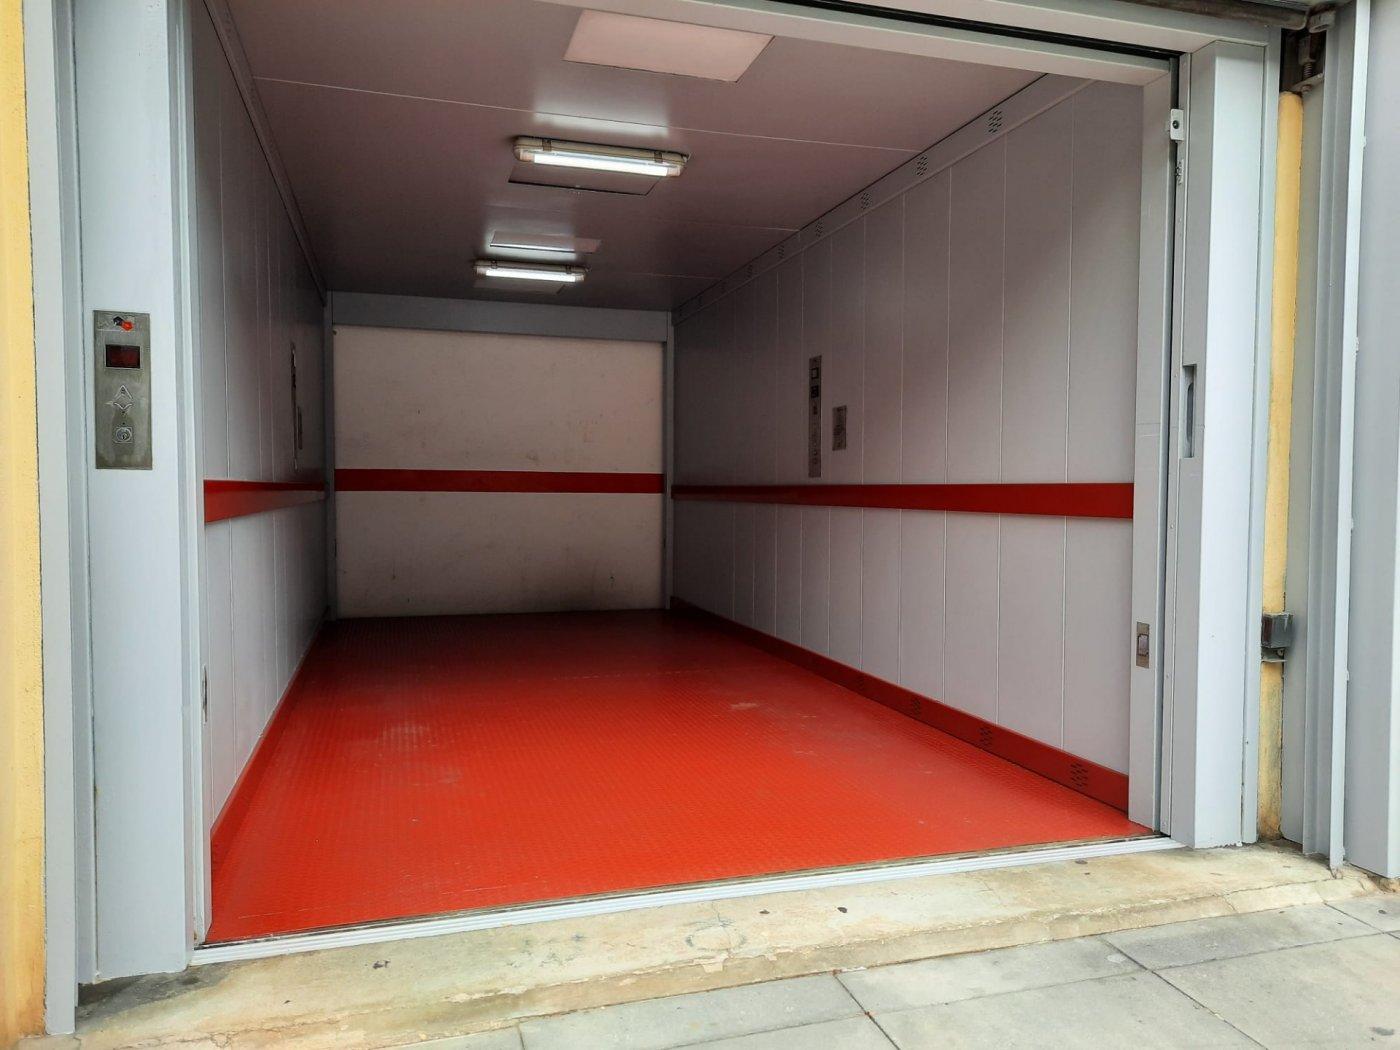 Garaje en  sotano con elevador  en plaza prado - imagenInmueble2